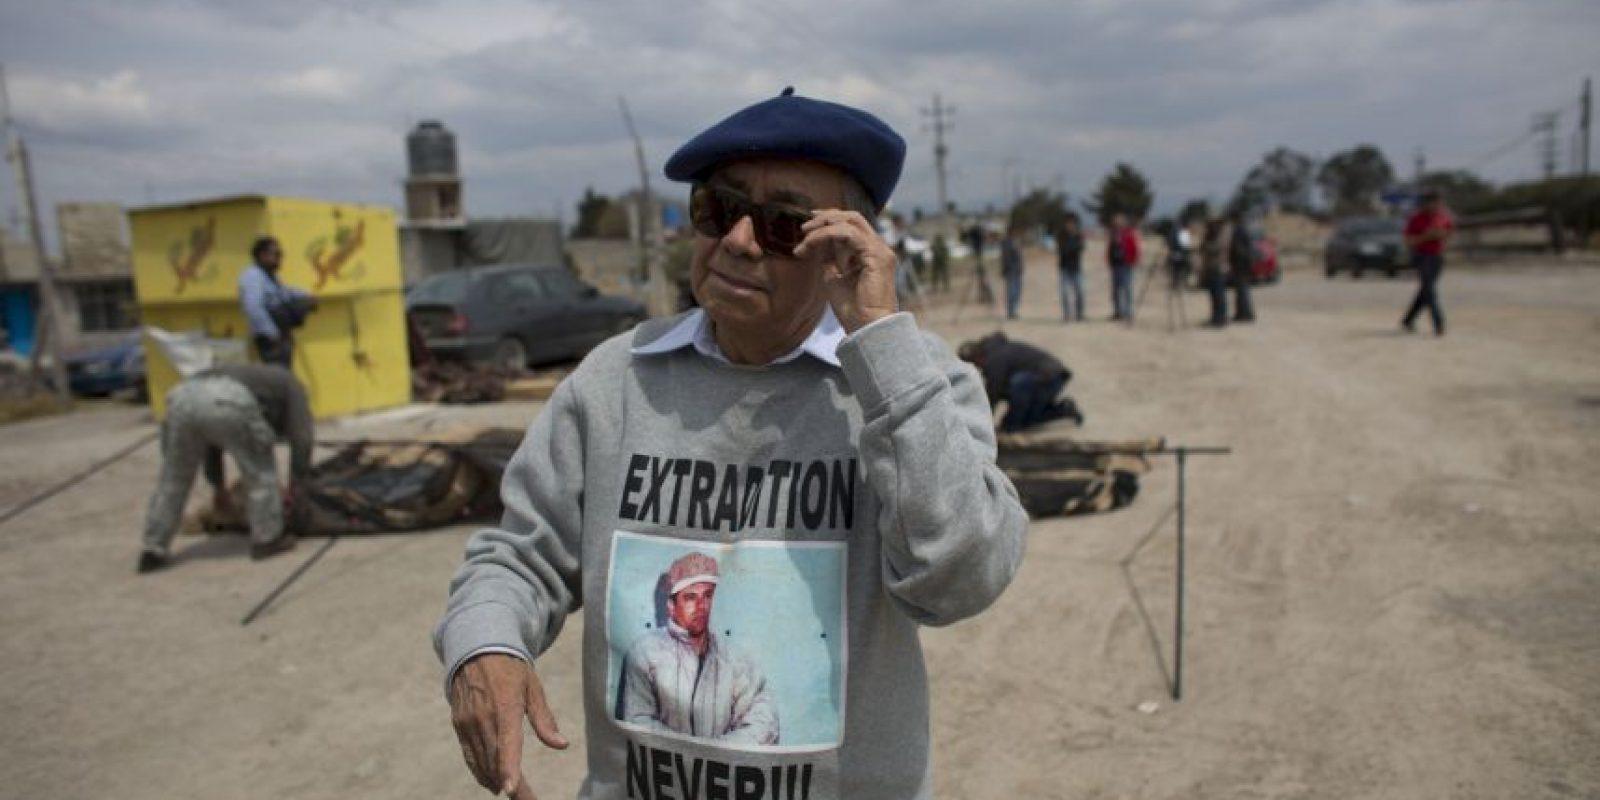 Está en la espera de que se resuelva su extradición a Estados Unidos Foto:AP